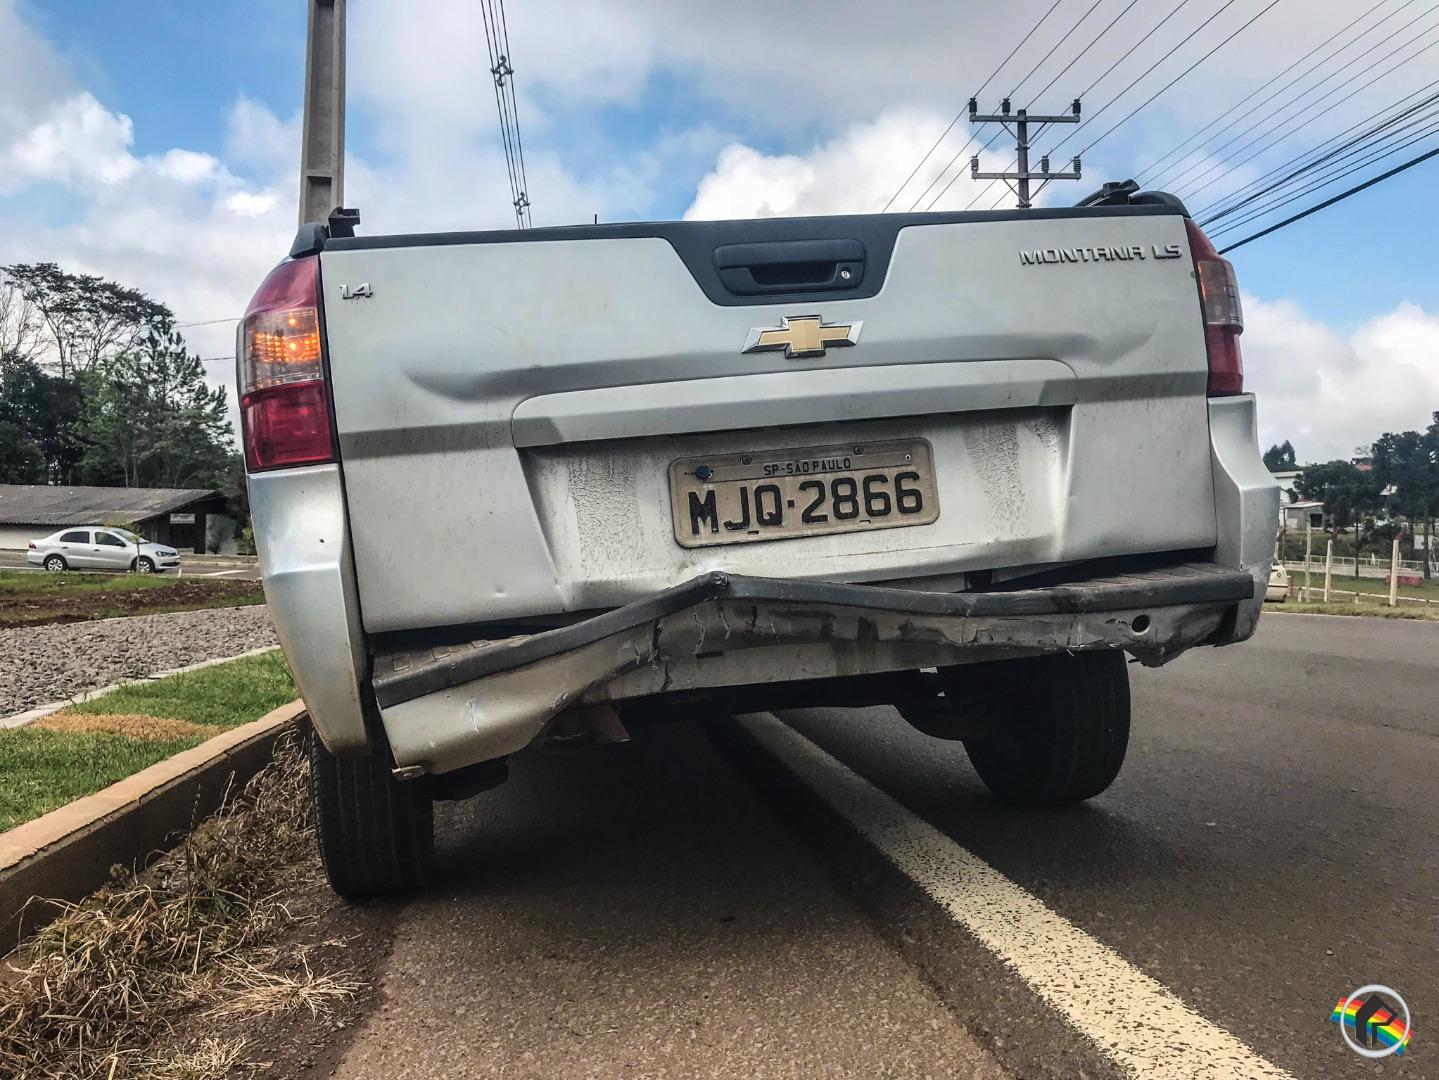 Colisão traseira envolve carro da Argentina na Willy Barth